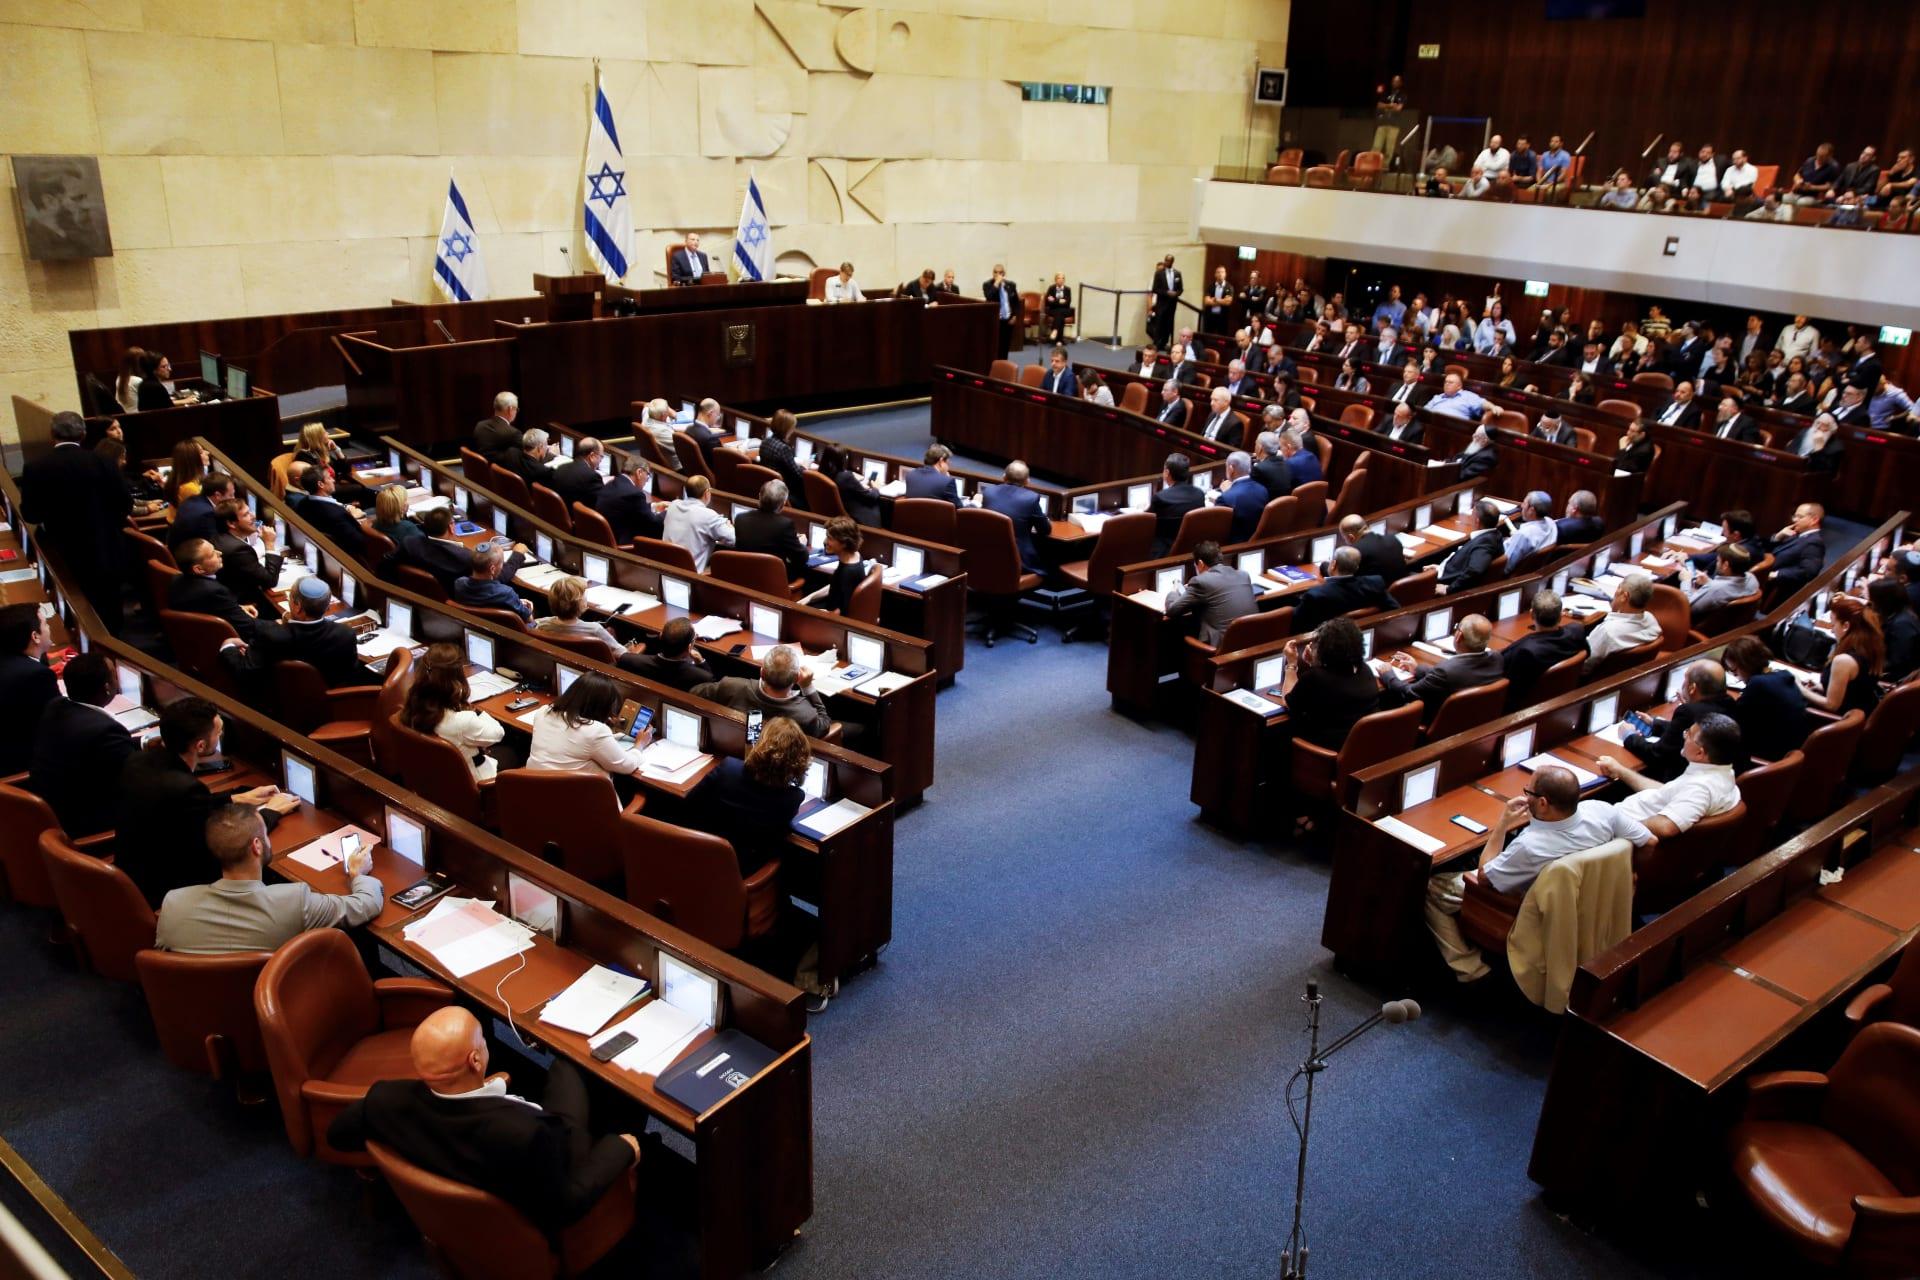 صورة أرشيفية من داخل الكنيست الإسرائيلي